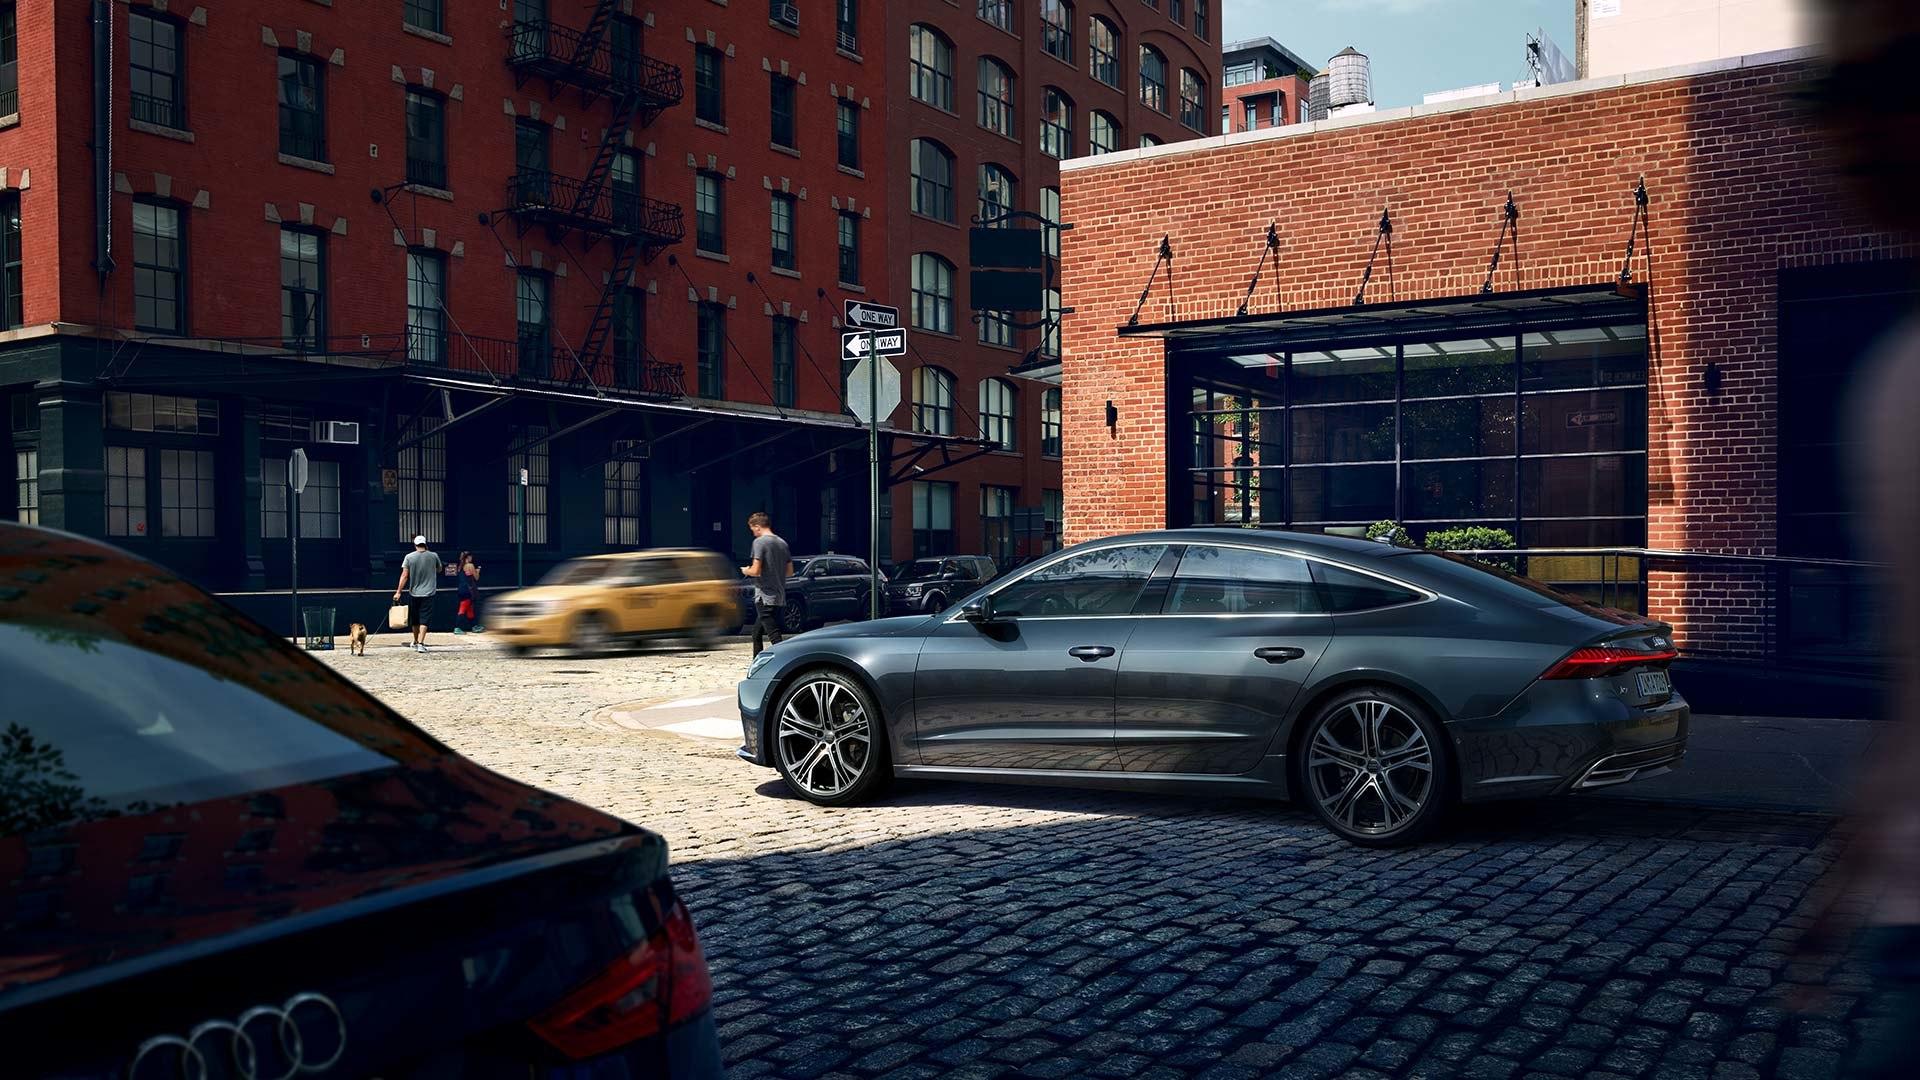 Audi A7 zijkant